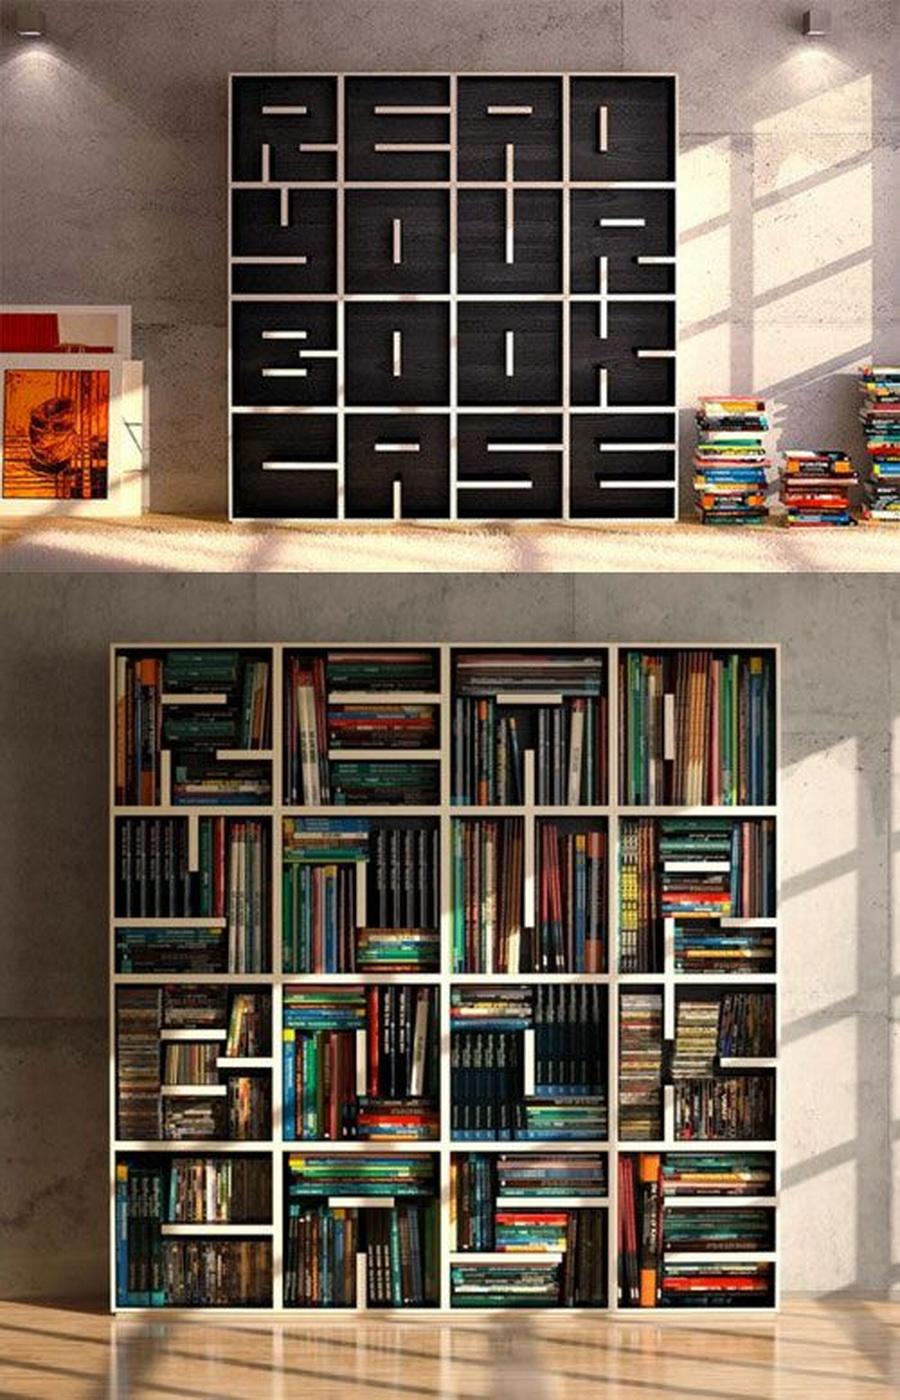 11 креативных книжных полок для любителей читать. нет ничего.